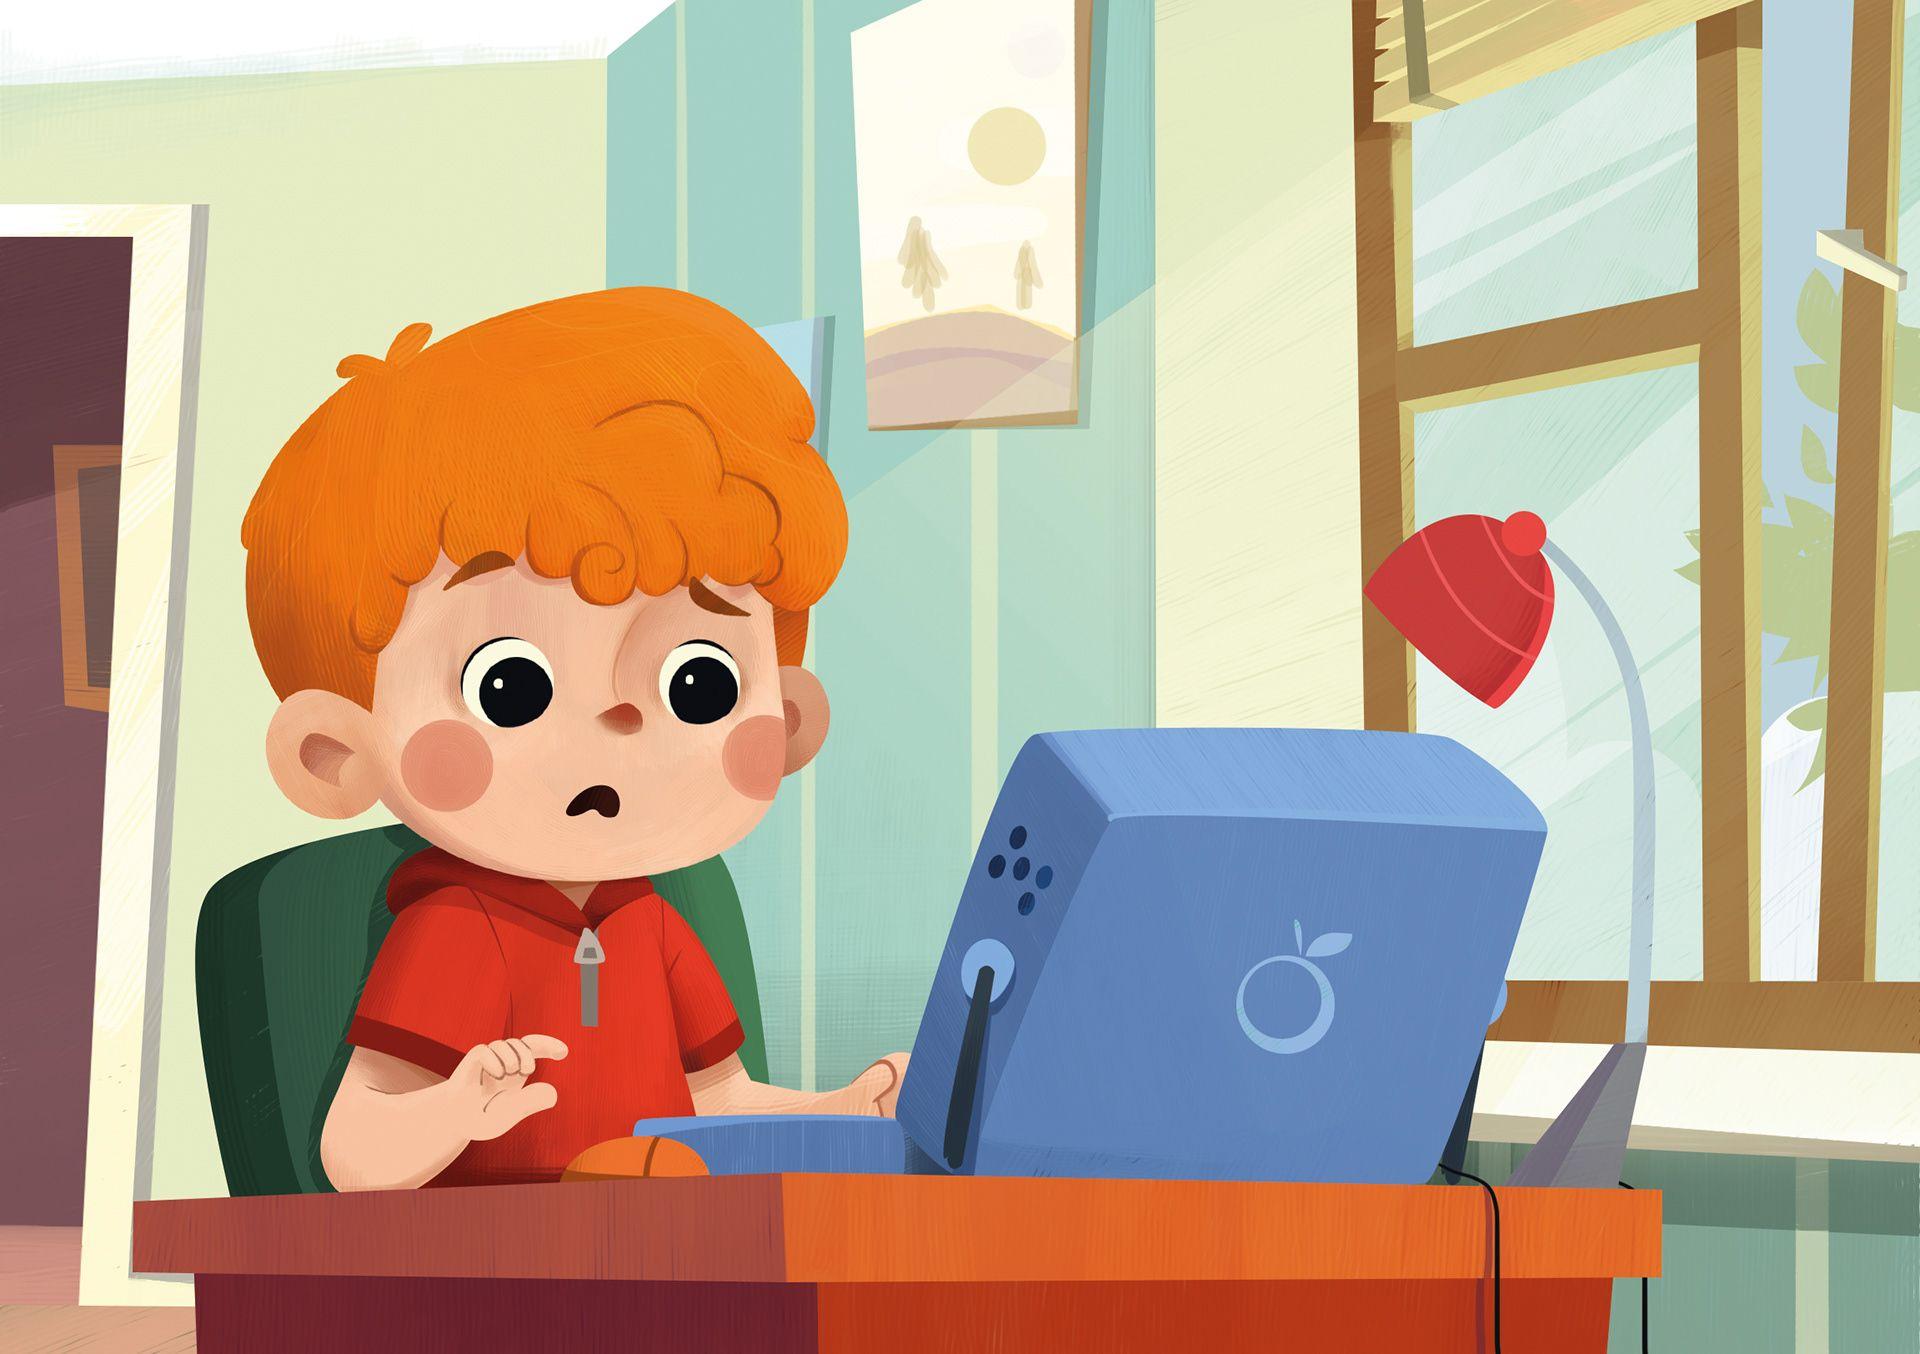 Children Book Illustration  U0026 39 Darg U0131n Bilgisayar U0026 39  On Behance